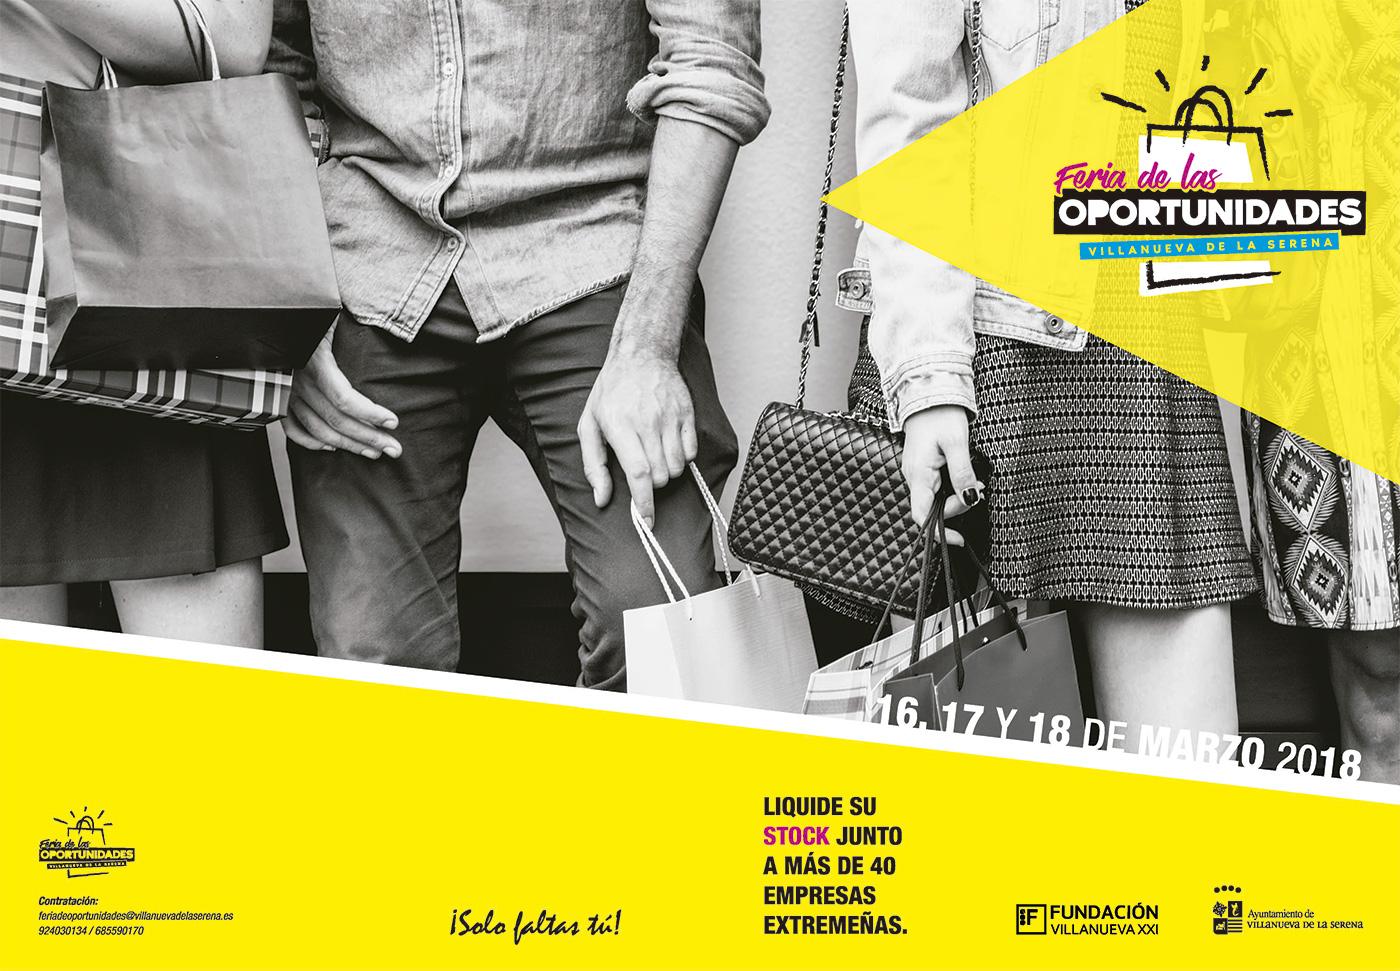 Comercialización I Feria De Las Oportunidades